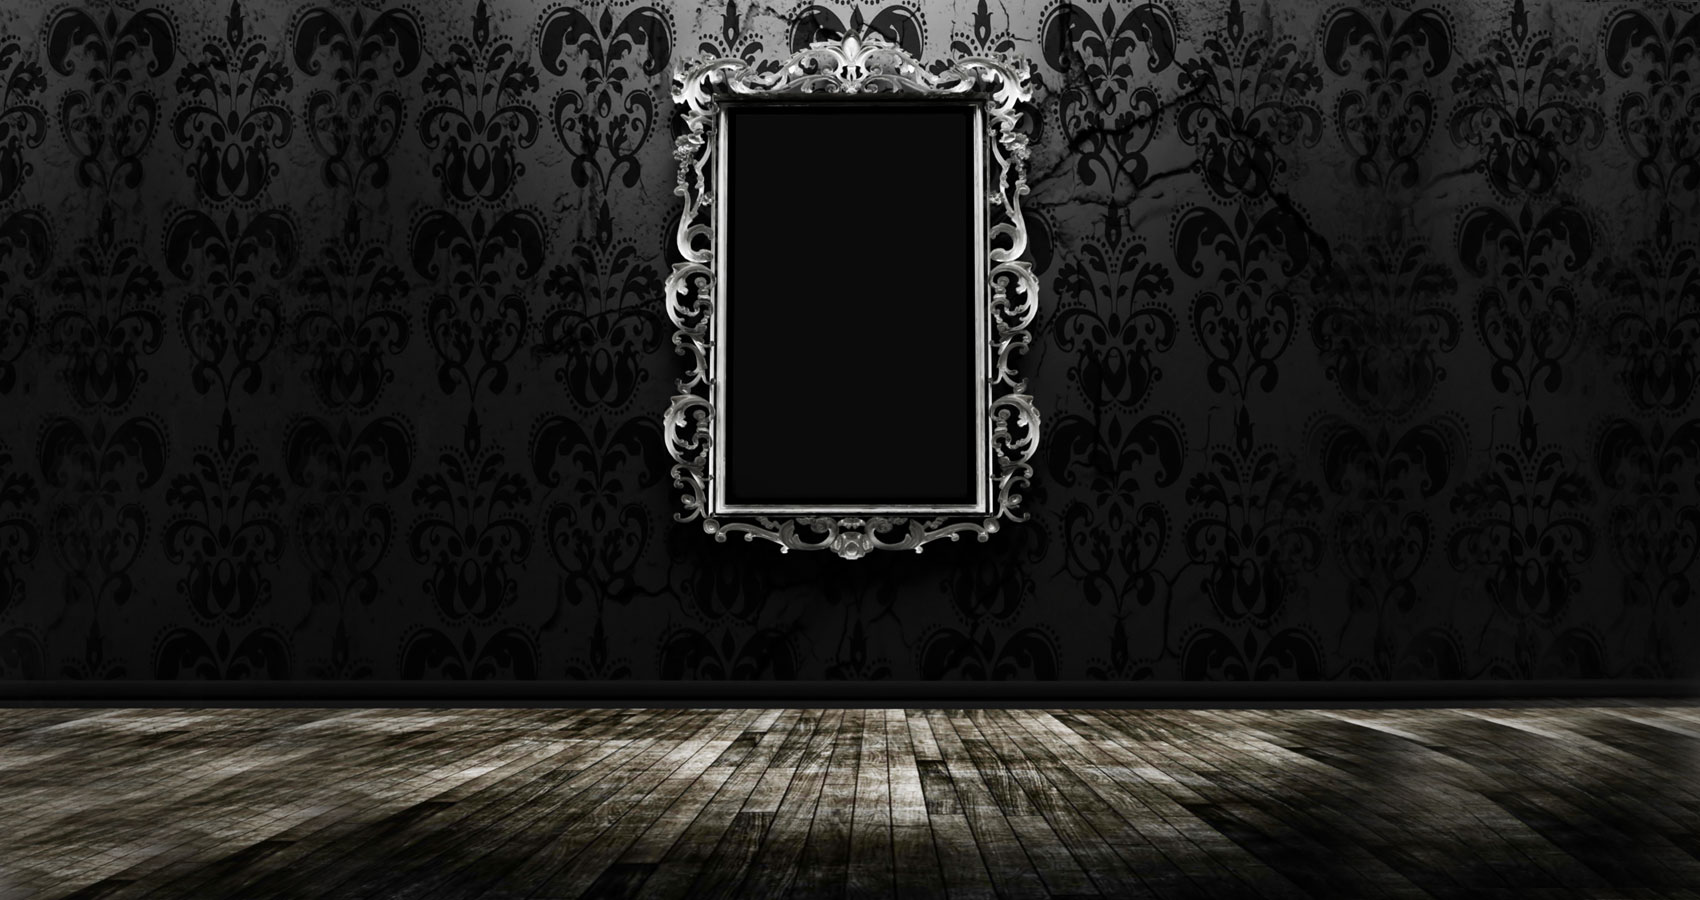 Mirror Mirror. written by Prospermind at Spillwords.com